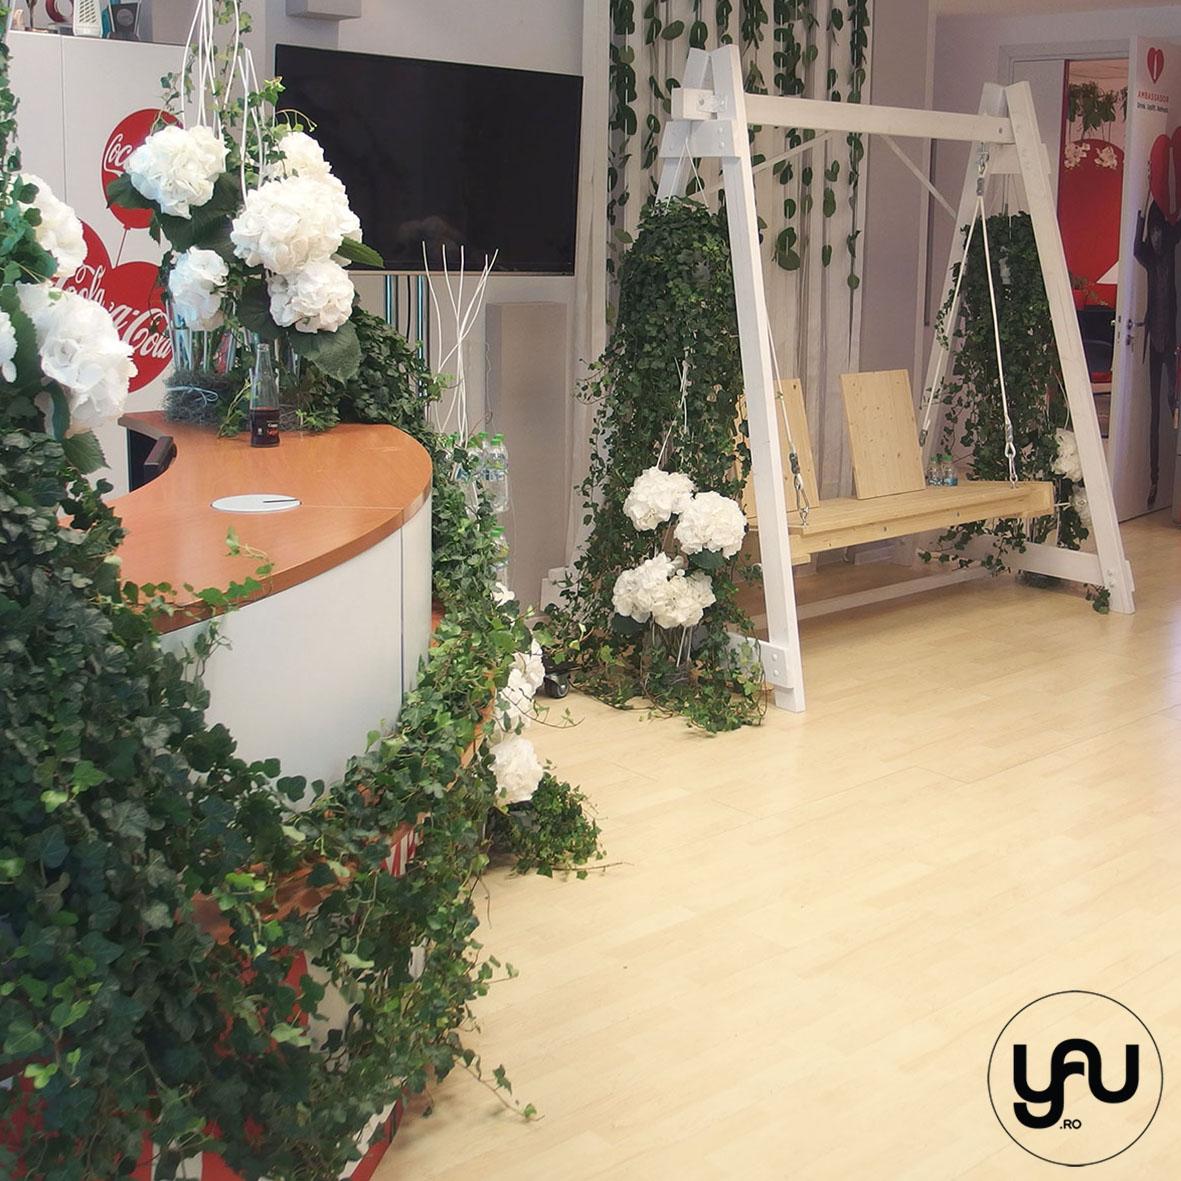 yau events 2015_cranjul cu flori albe de la birou - pentru DORNA ROMANIA _ orhidee_hortensii (15)